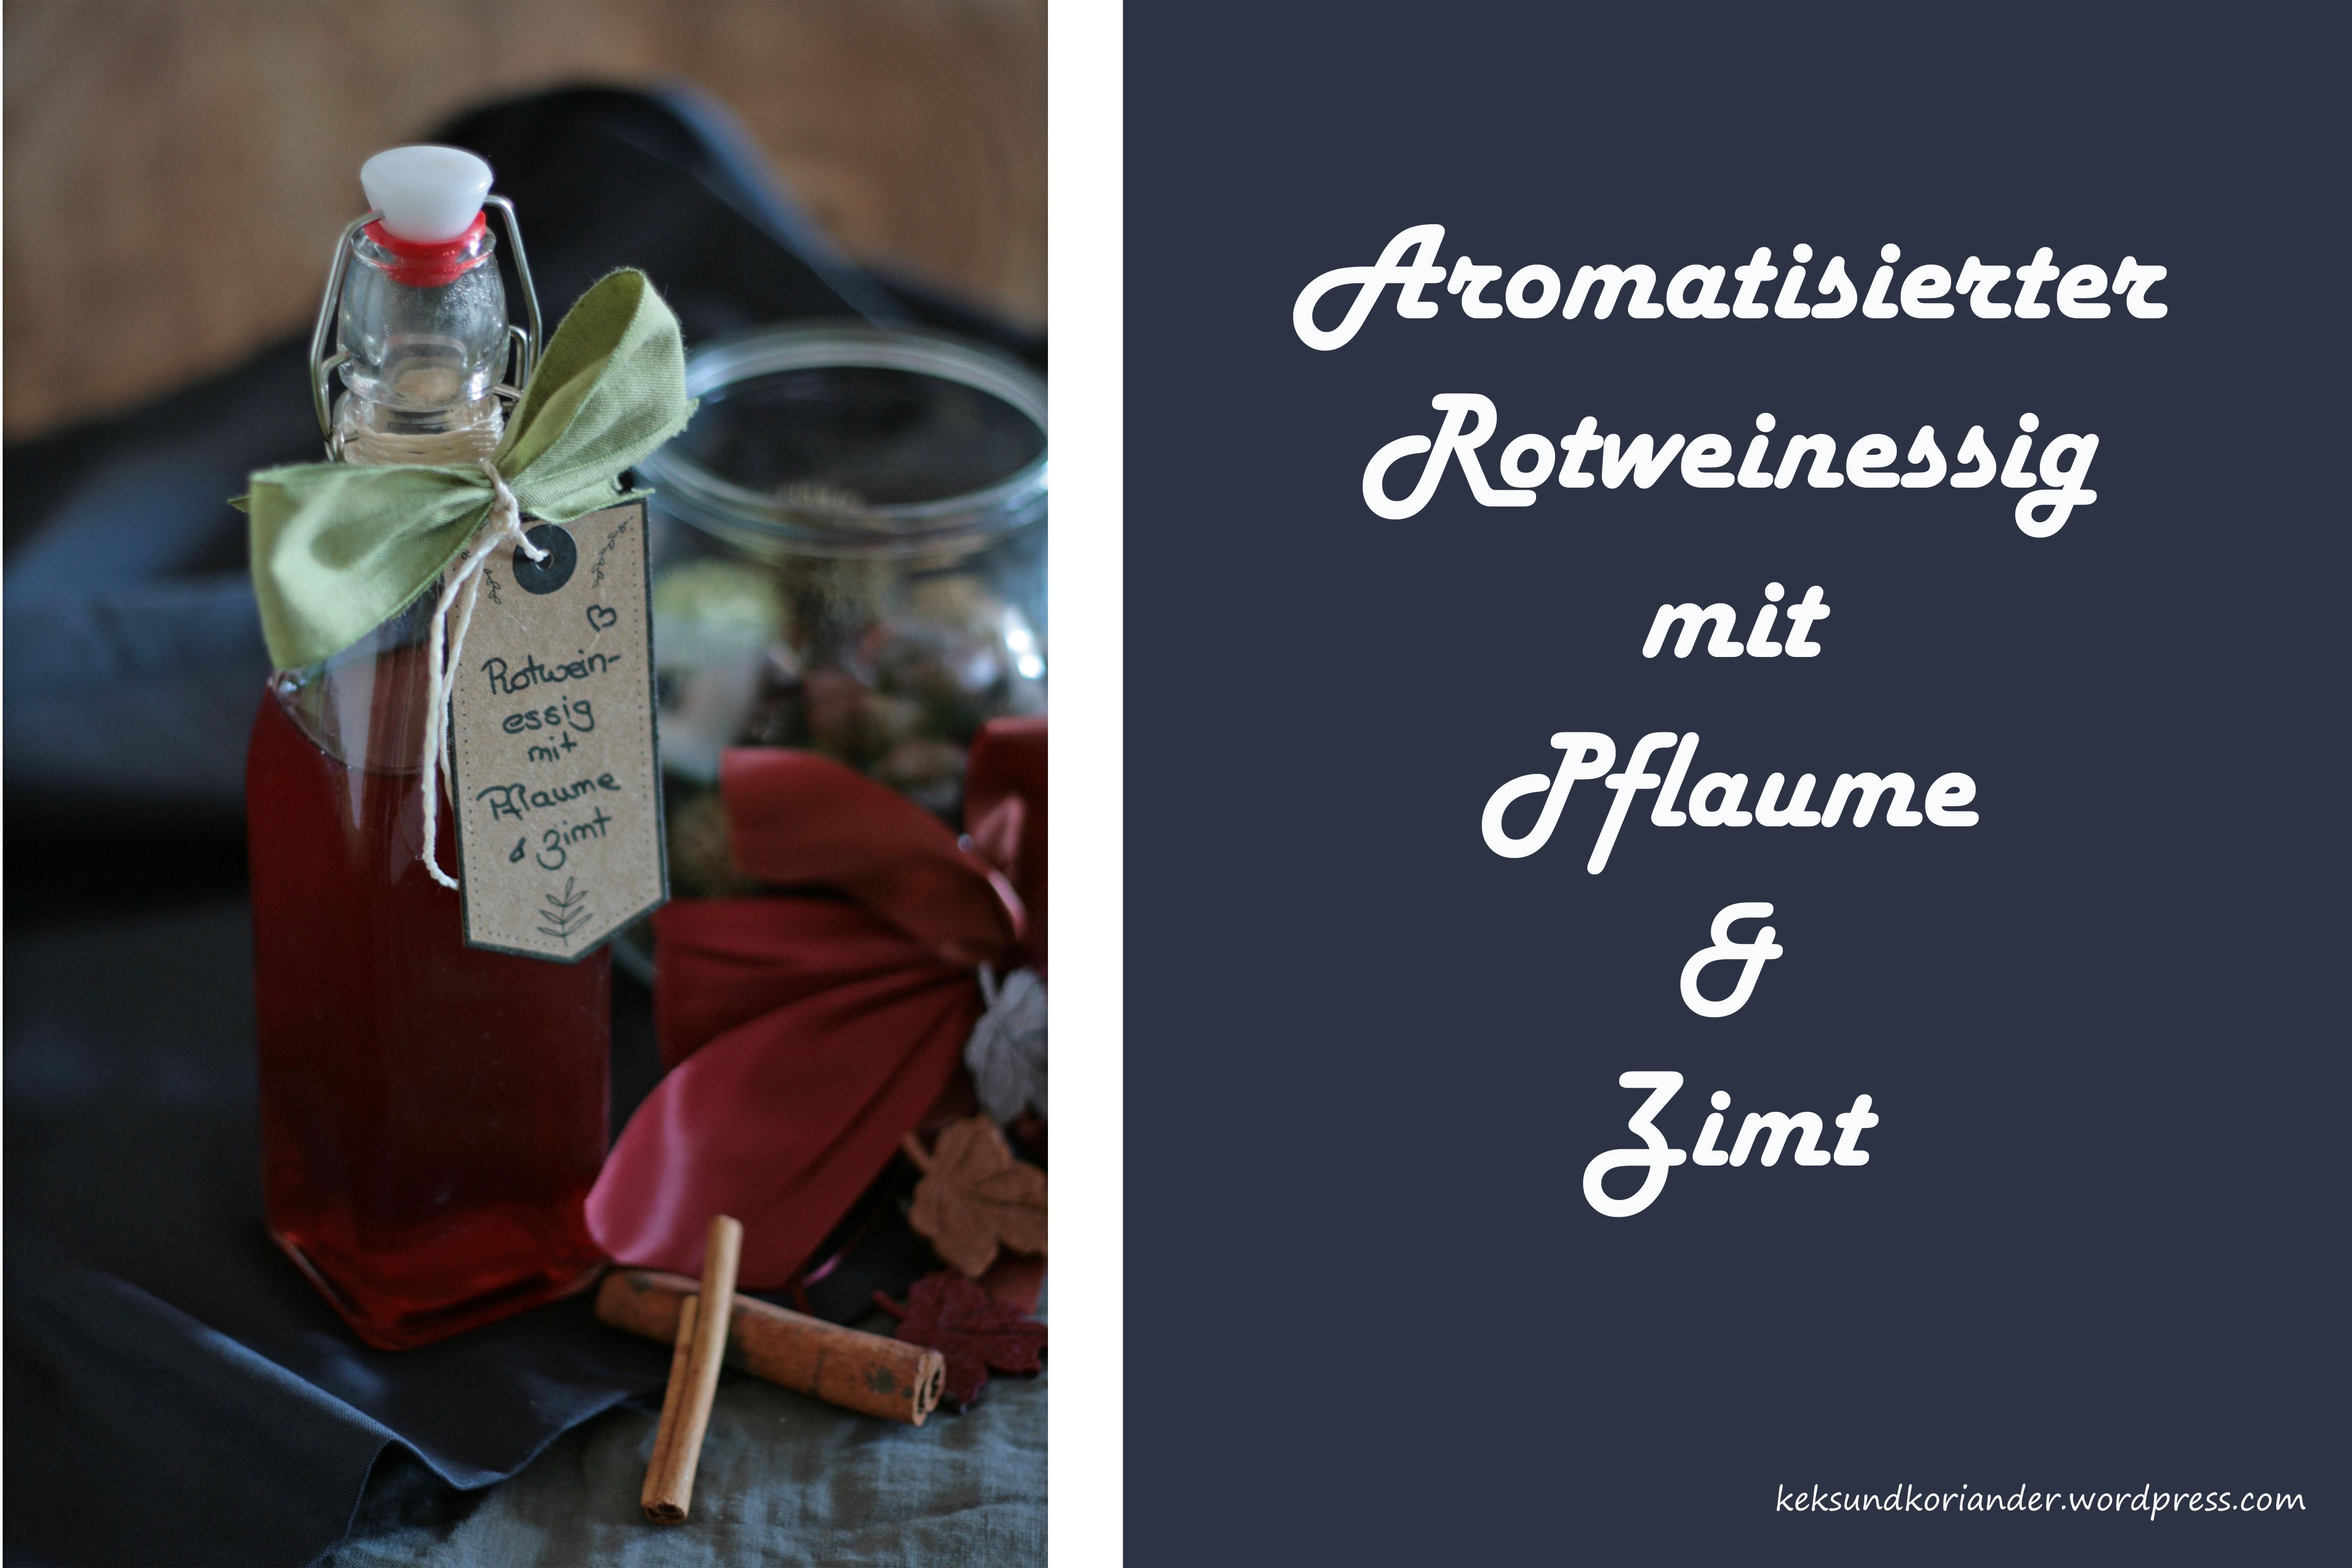 aromatisierter Rotweinessig mit Pflaume und Zimt2